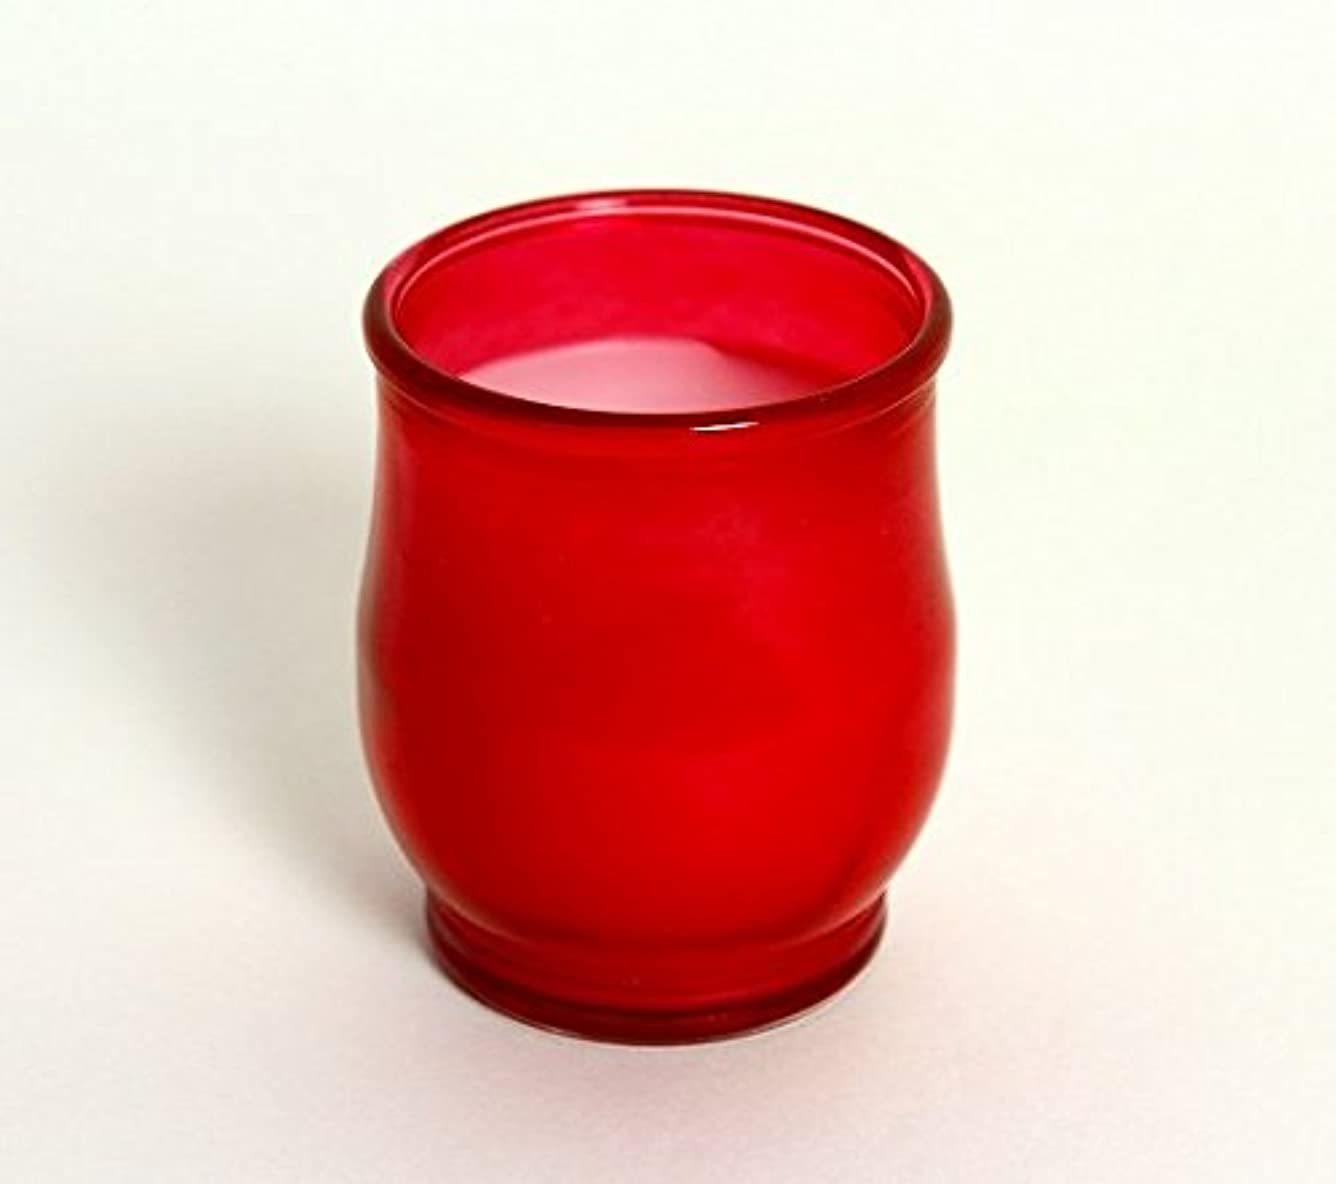 kameyama candle(カメヤマキャンドル) ポシェ(非常用コップローソク) 「 レッド(ライトカラー) 」 (B73020030R)